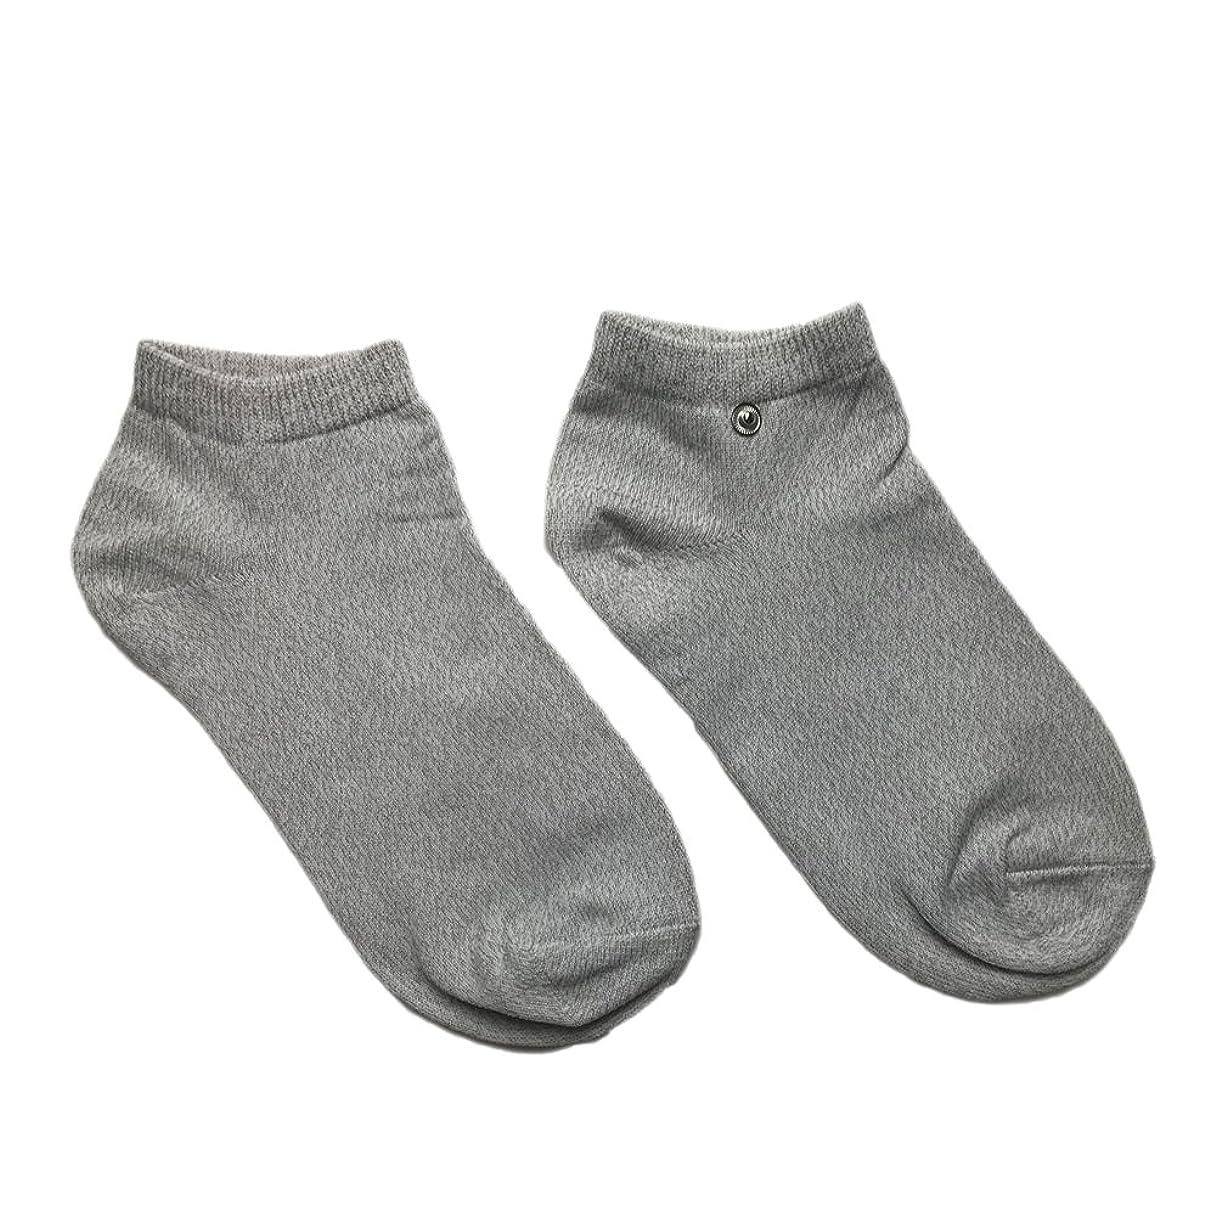 クリアワードローブ支援riraku-life(??????) 大地と繋がるアーシング健康法用 アーシングソックス(low) 導電性靴下 (M)